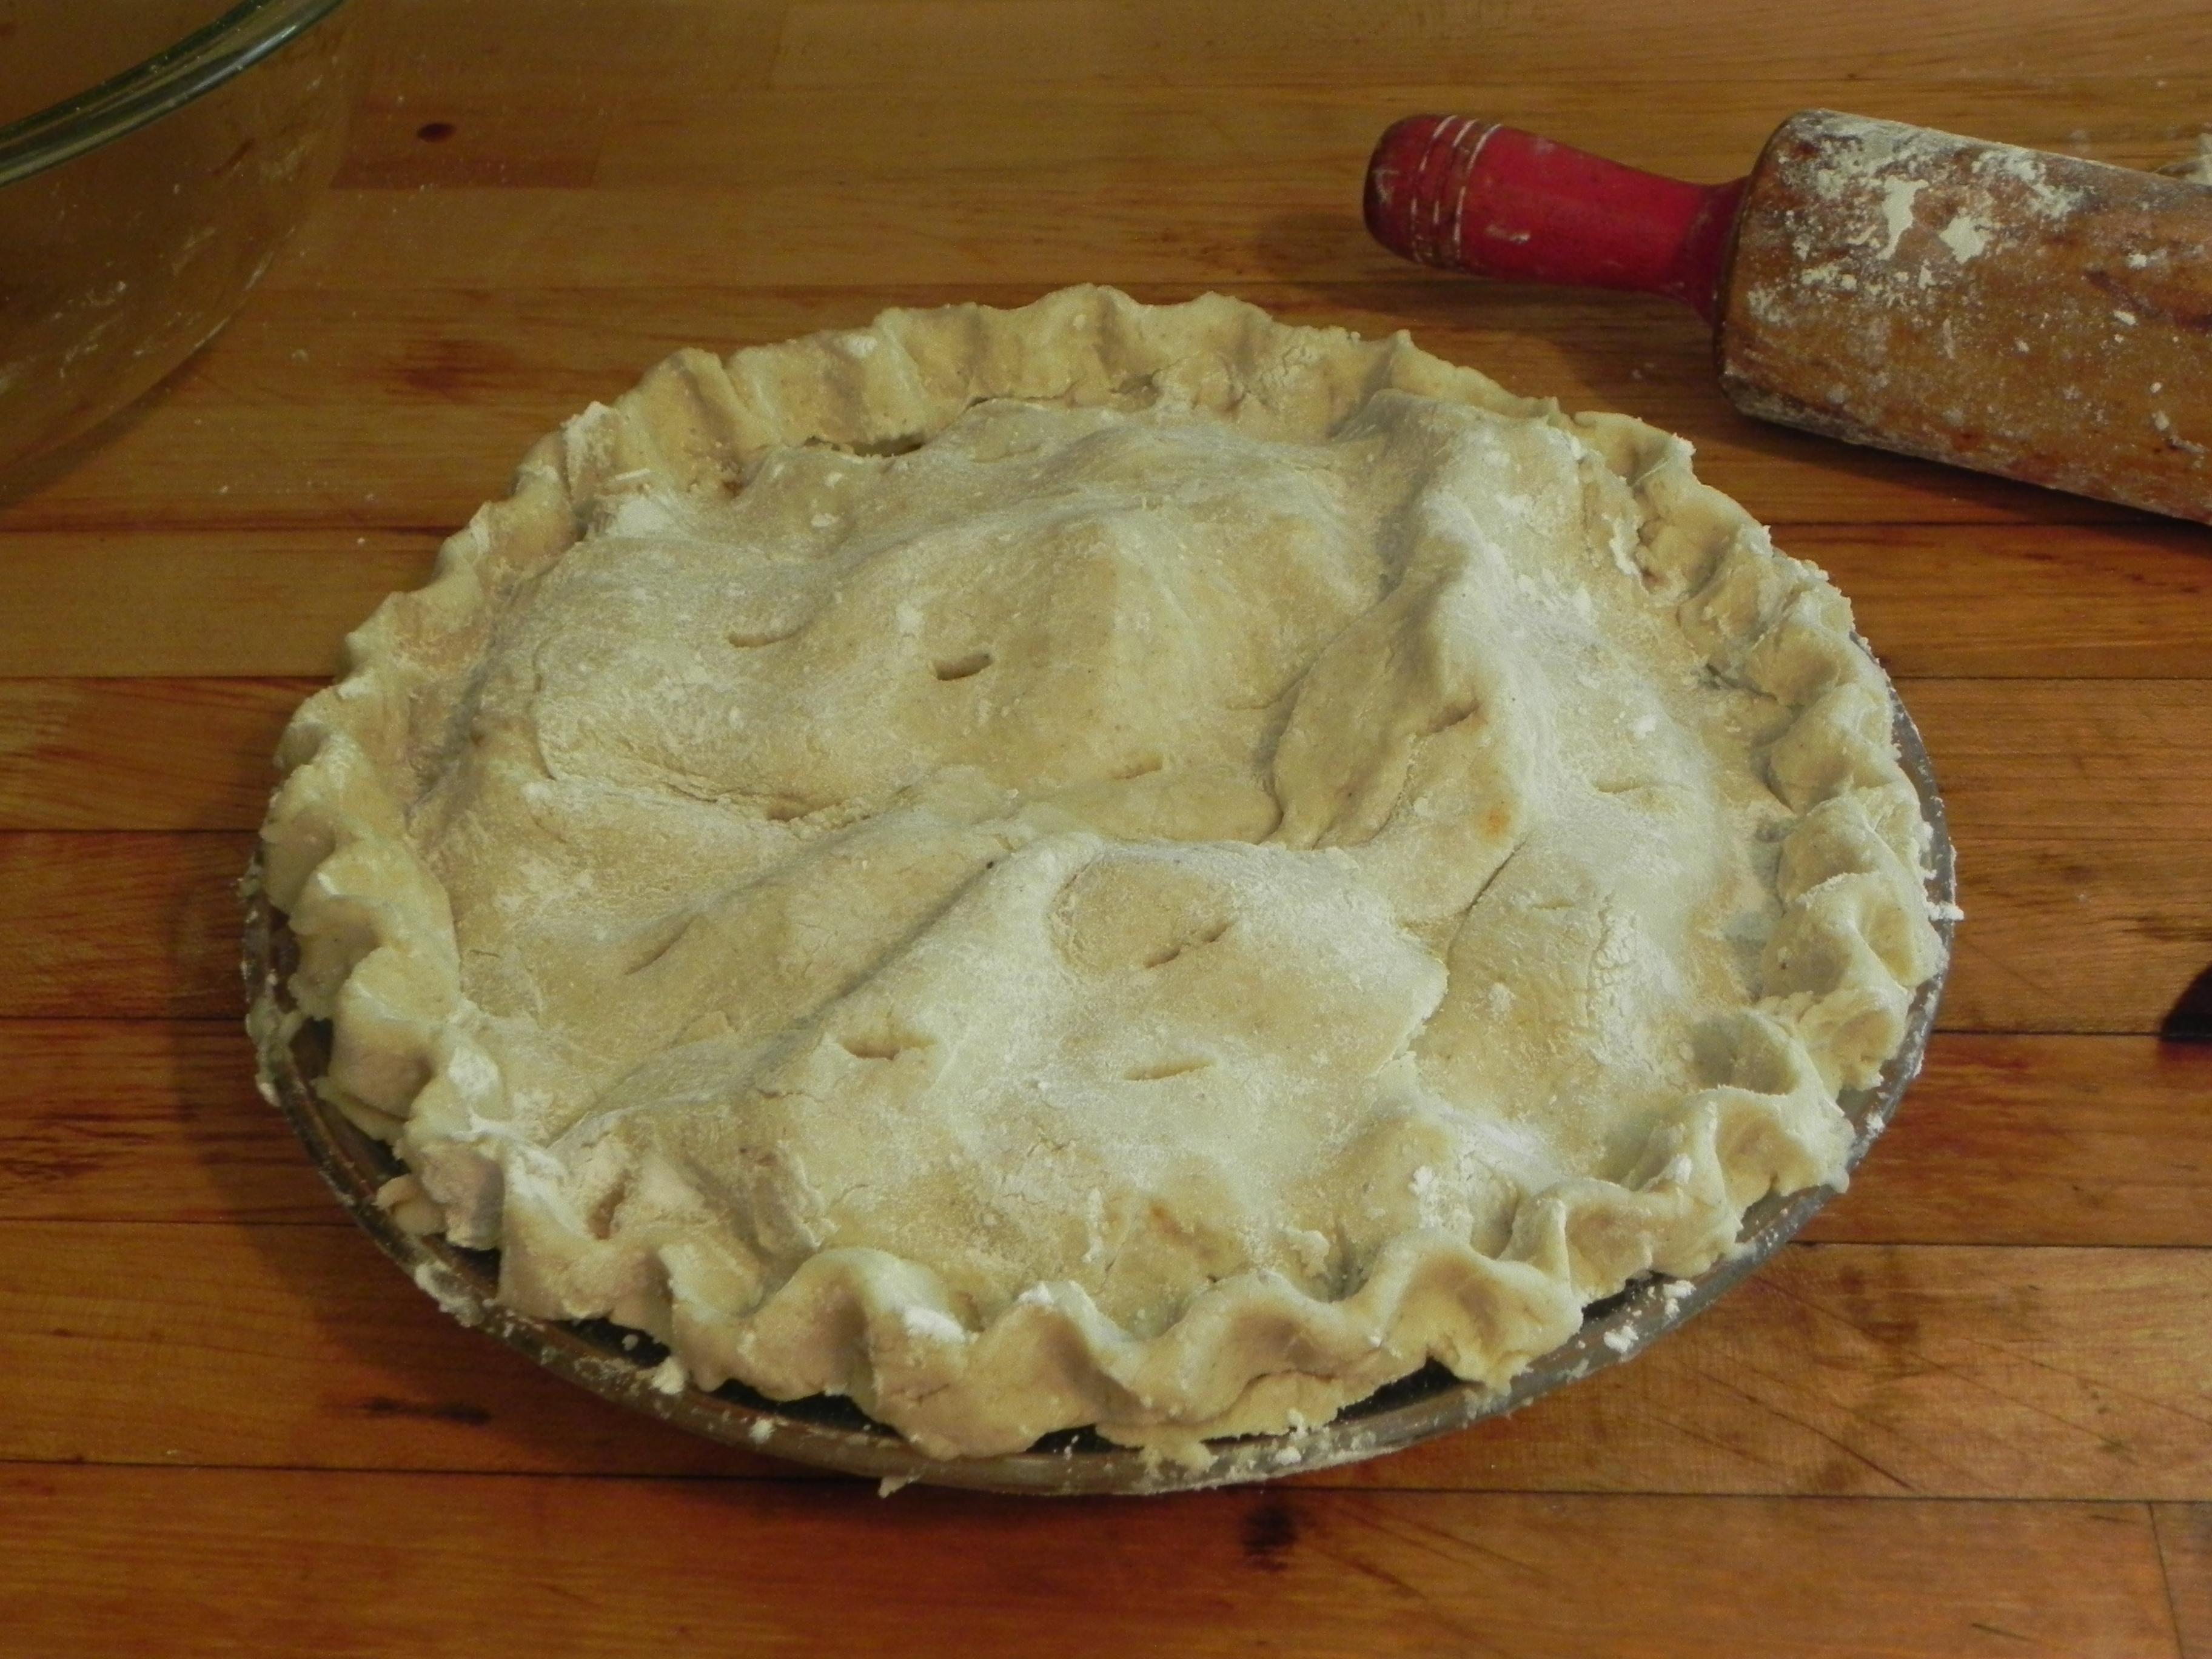 dscn3463 Gluten Free Flakey Pastry Crust Recipe